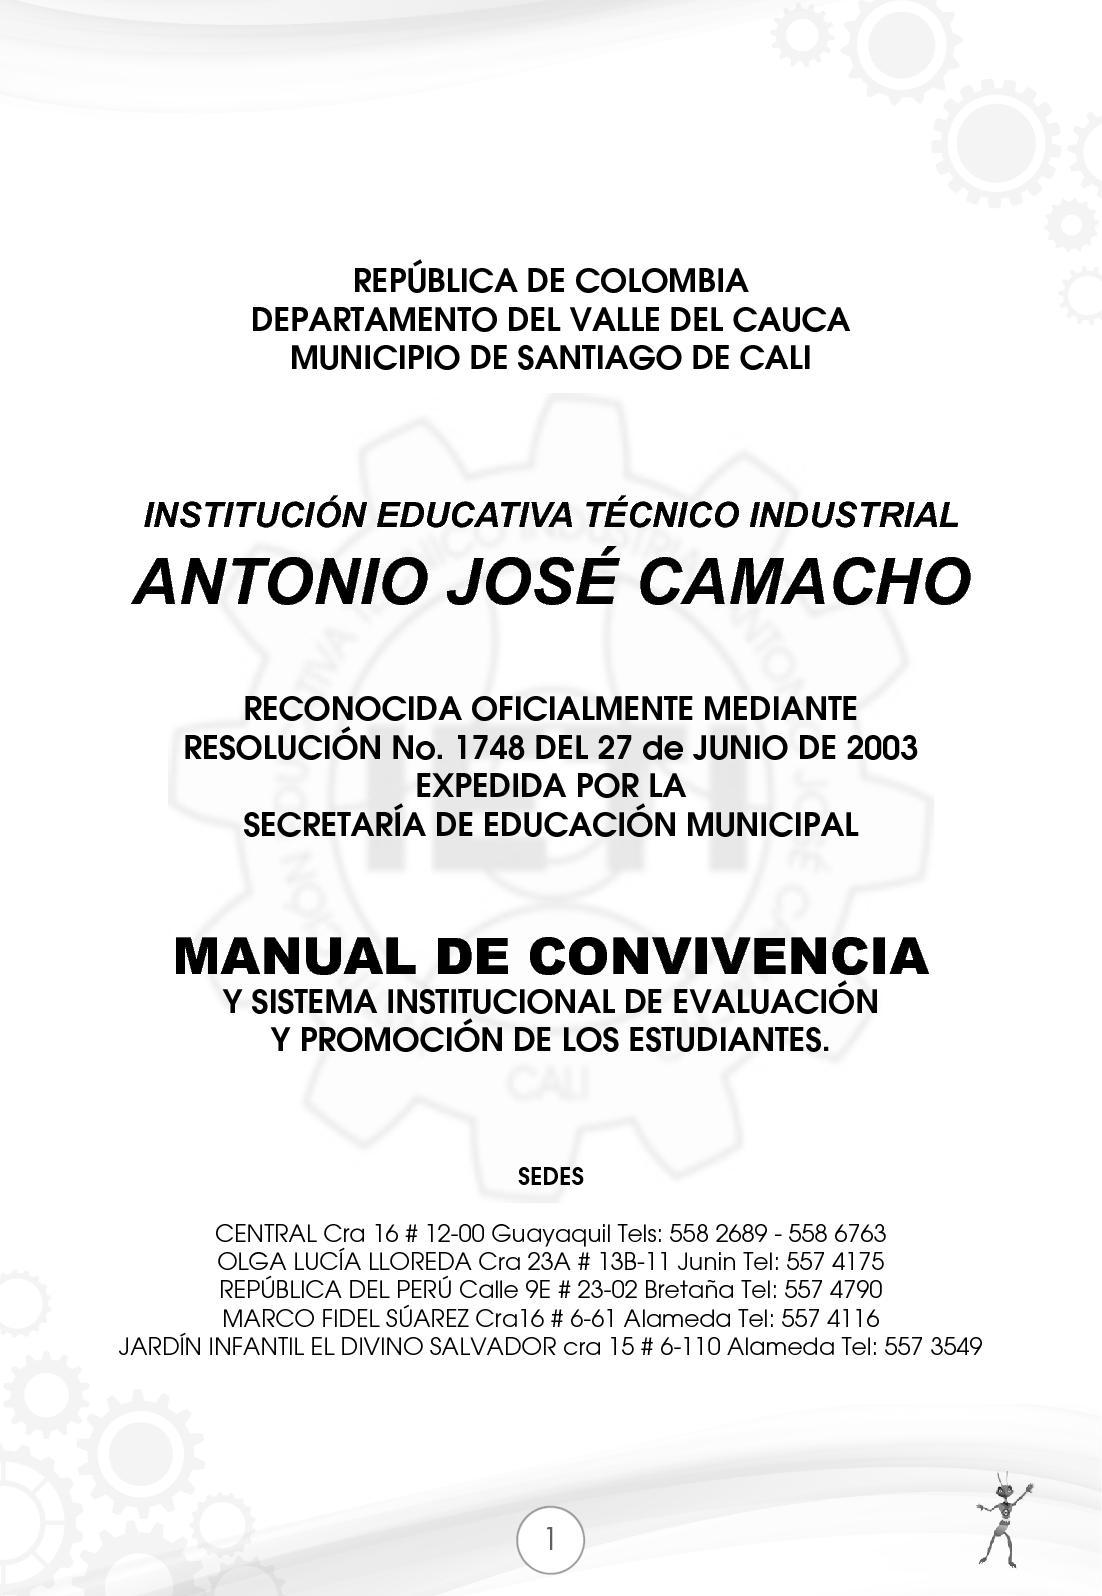 Calaméo - Manual De Convivencia IETI Antonio José Camacho 2017